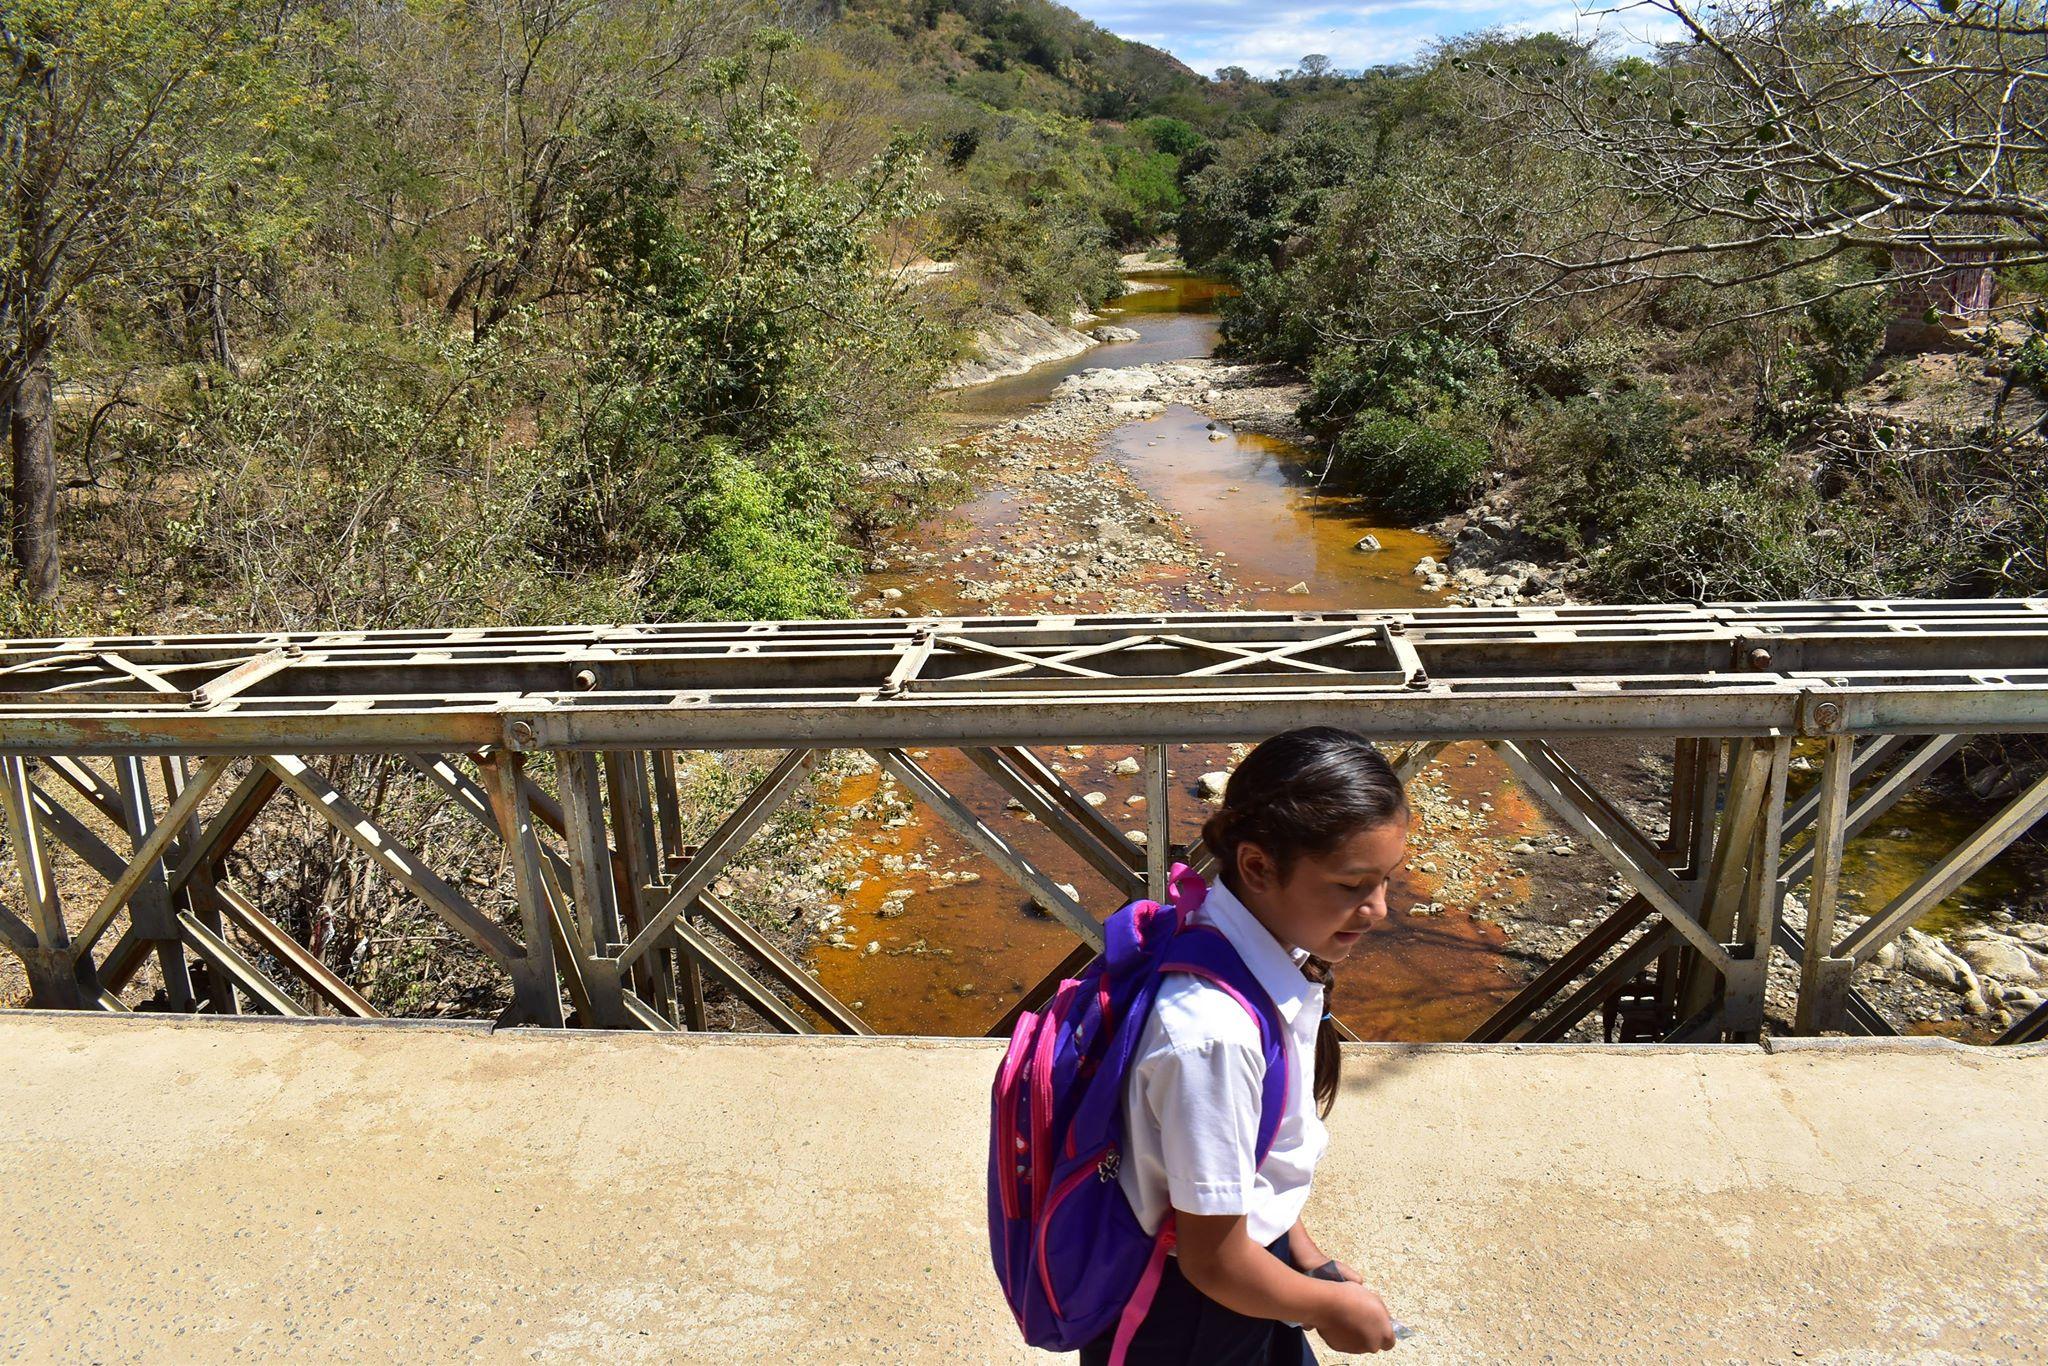 Niña regresa de escuela atravesando puente